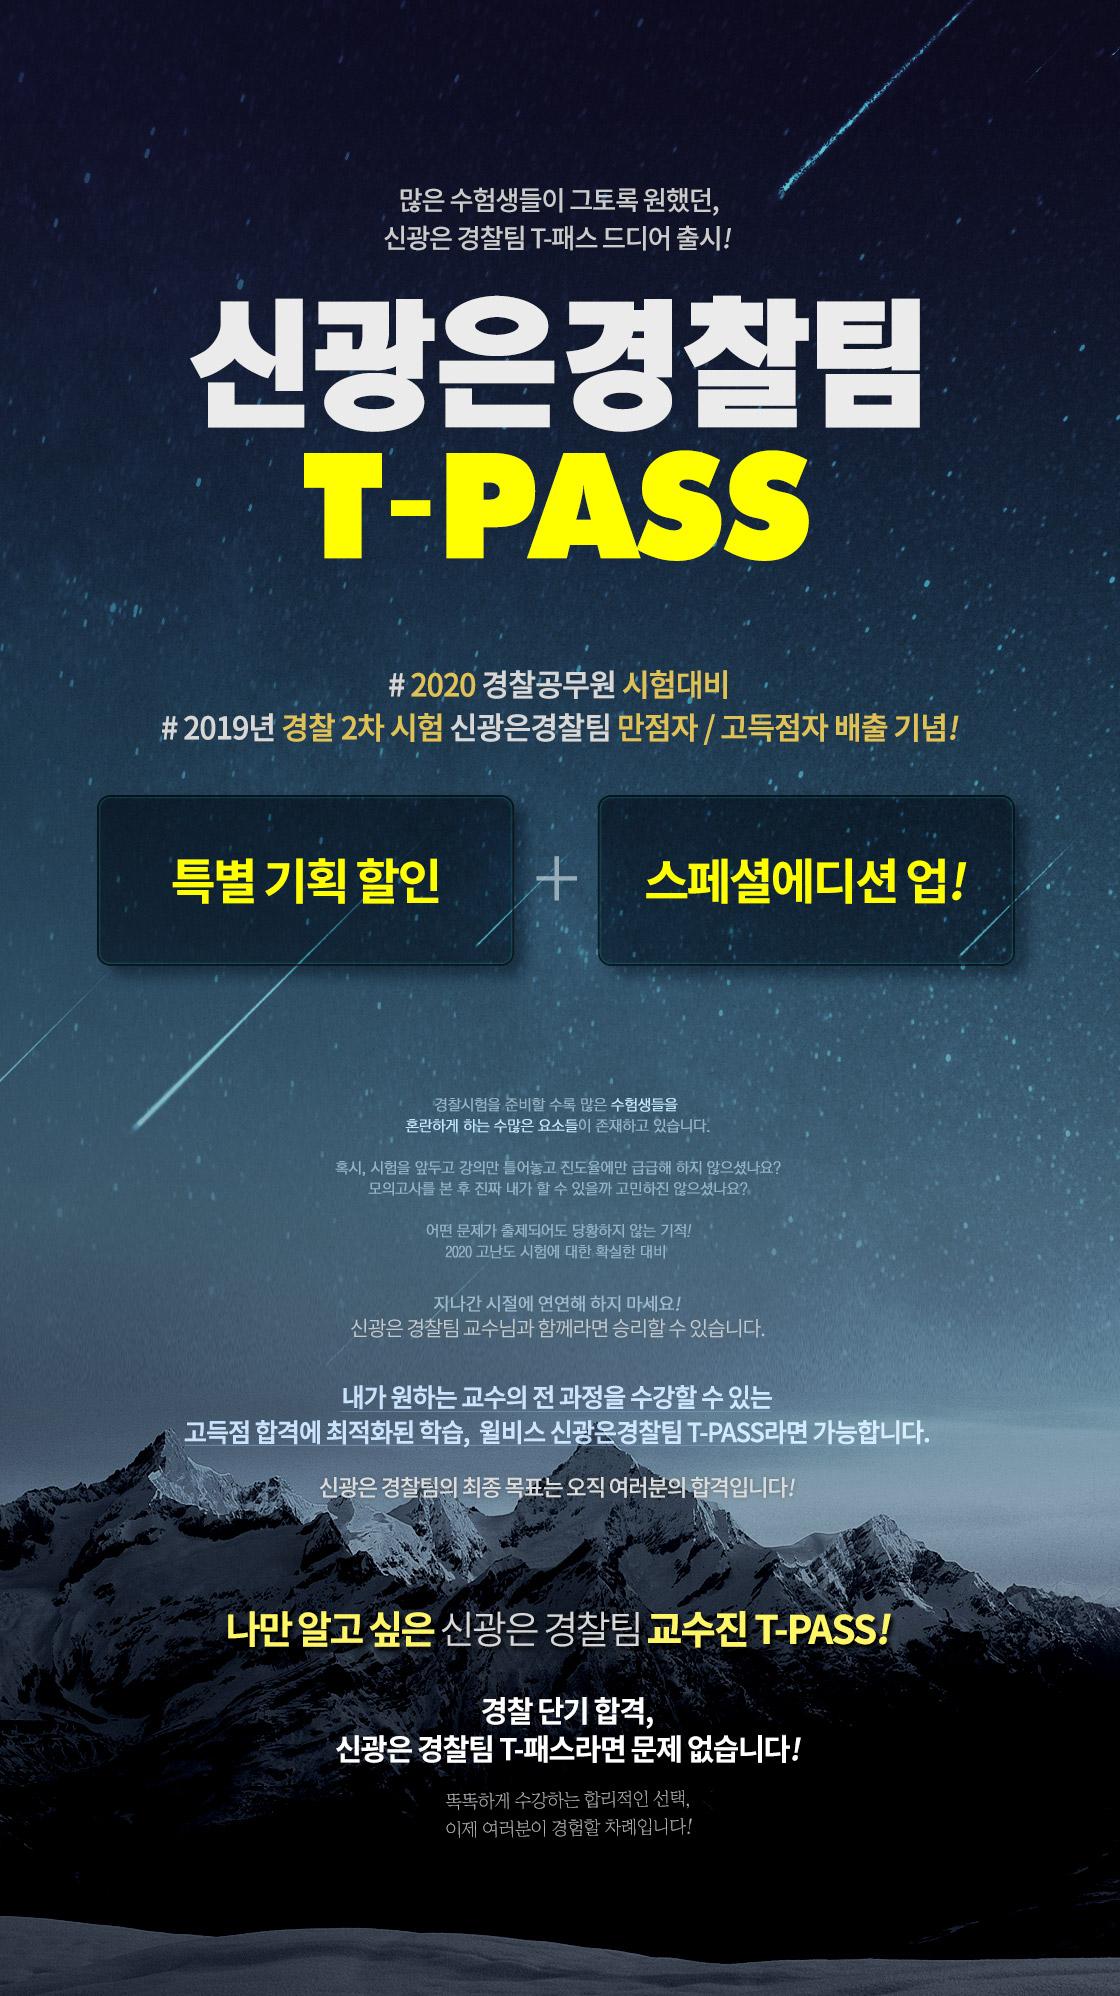 신광은 경찰팀 T-PASS